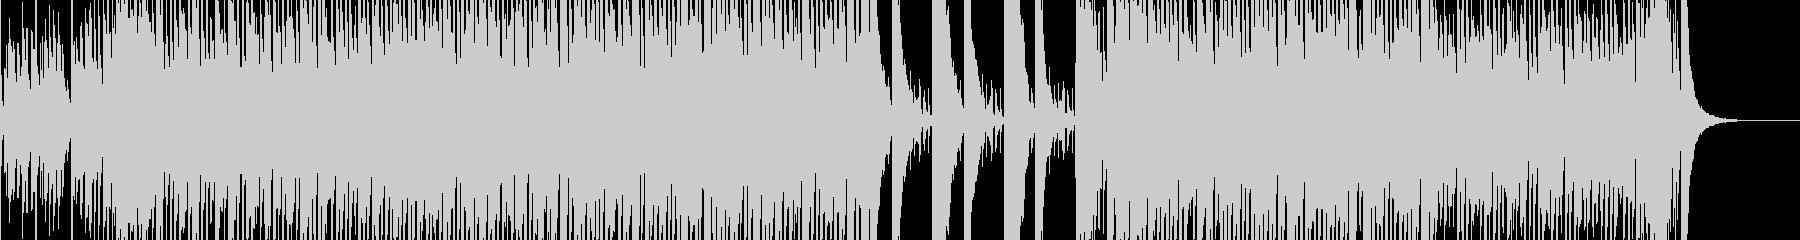 バサノバ レトロ お笑い 面白い ...の未再生の波形